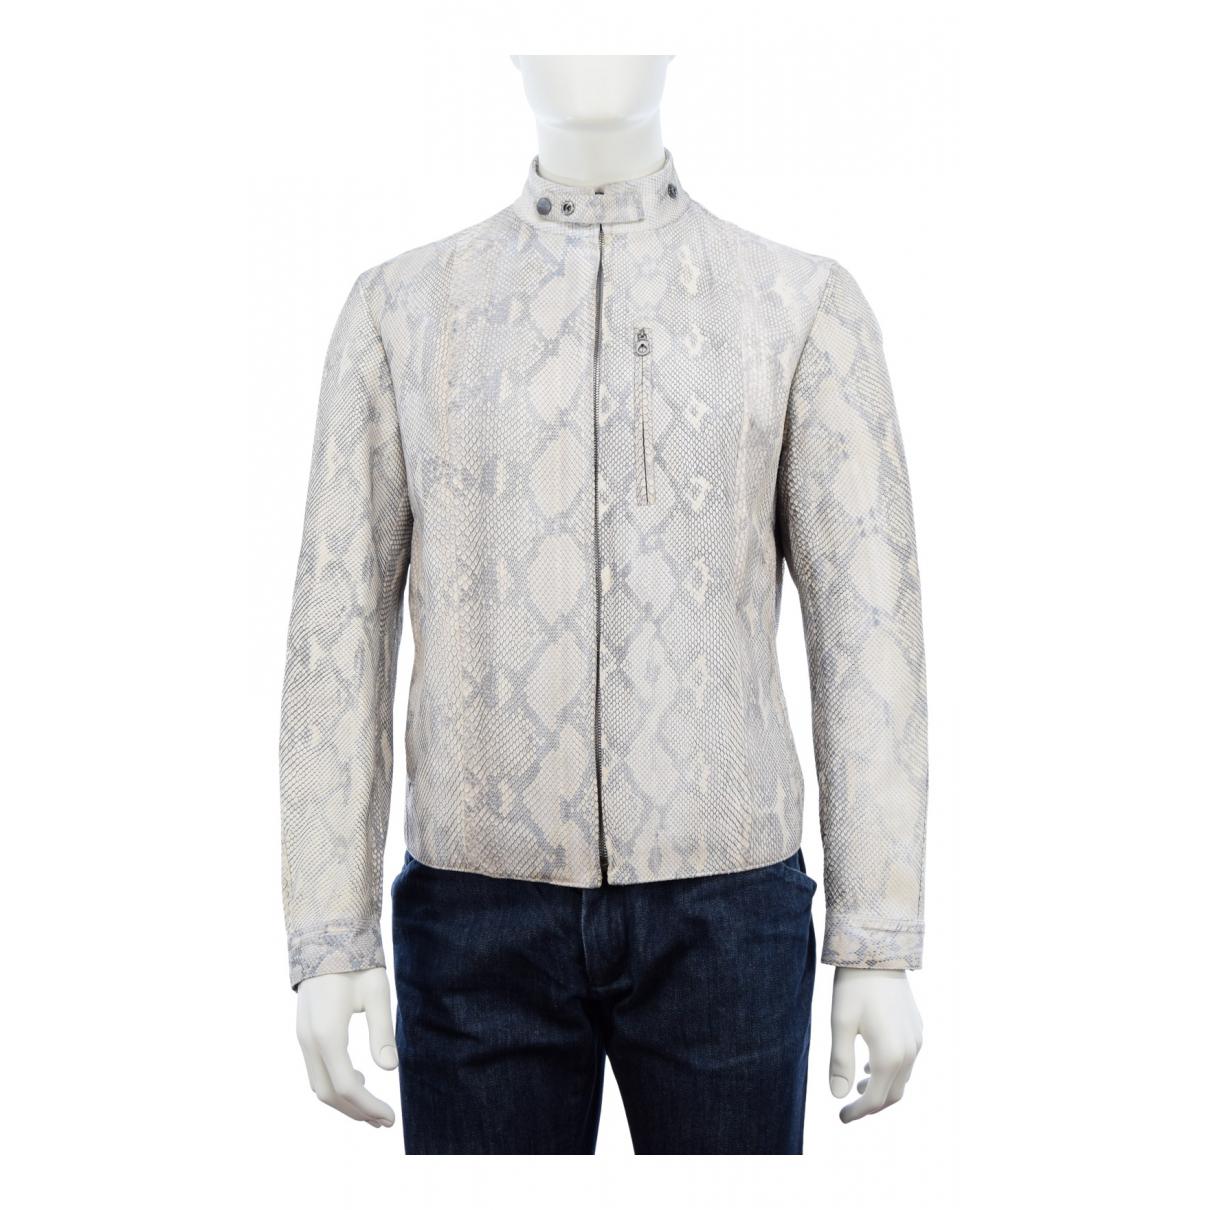 Salvatore Ferragamo N Beige Python jacket  for Men 50 IT